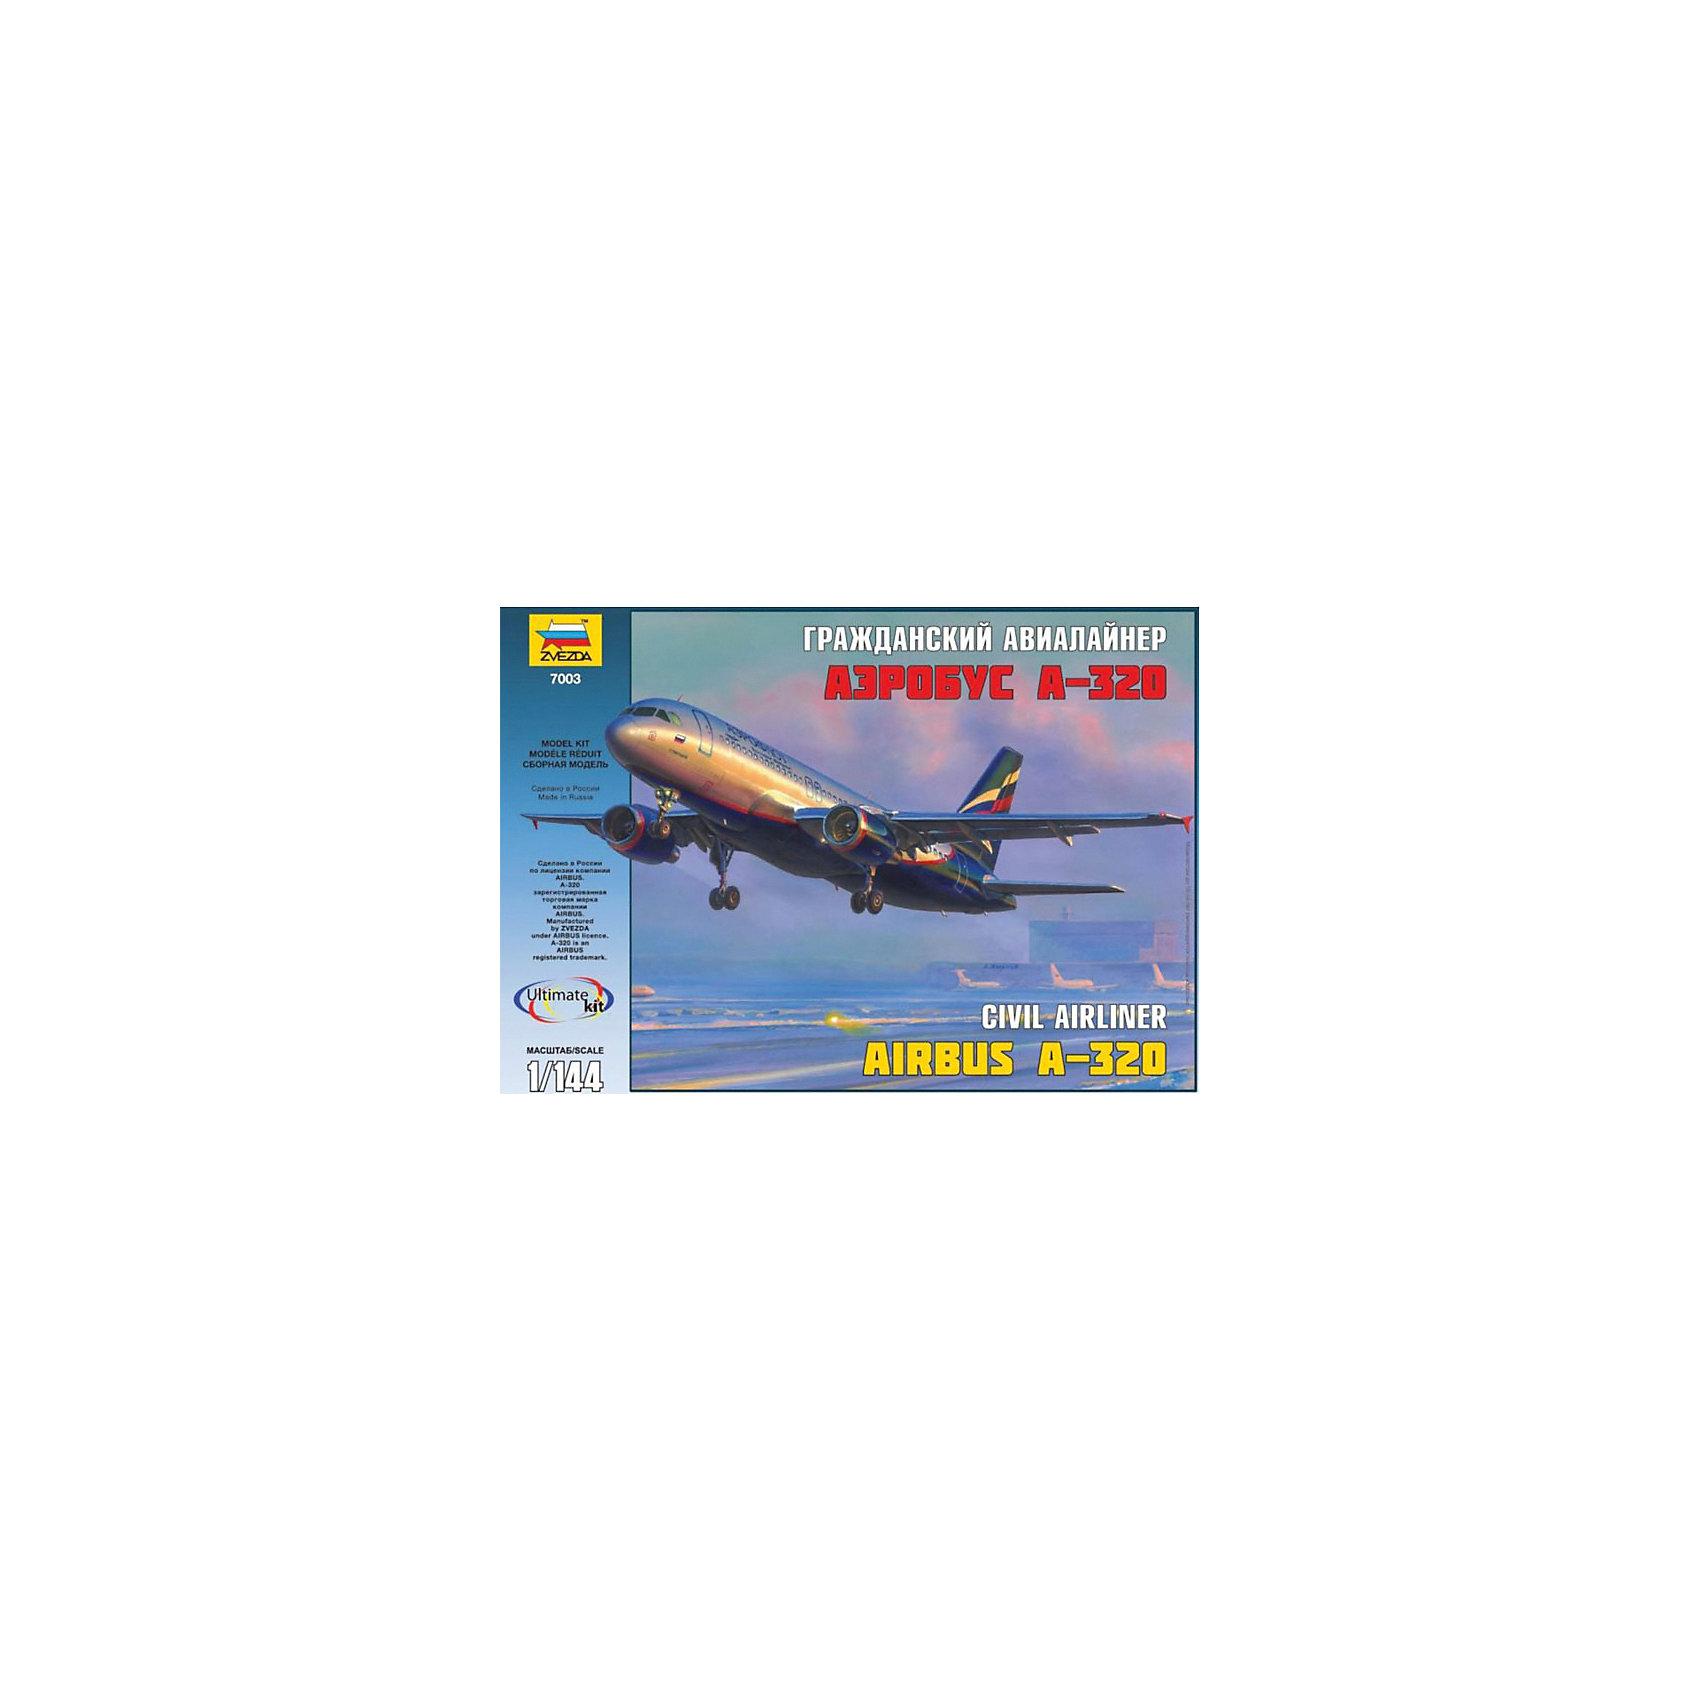 Сборная модель Звезда Пассажирский авиалайнер Аэробус А-320, 1:144Модели для склеивания<br>Модель сборная Пассажирский авиалайнер Аэробус А-320<br><br>Ширина мм: 345<br>Глубина мм: 242<br>Высота мм: 60<br>Вес г: 400<br>Возраст от месяцев: 36<br>Возраст до месяцев: 180<br>Пол: Мужской<br>Возраст: Детский<br>SKU: 7086512